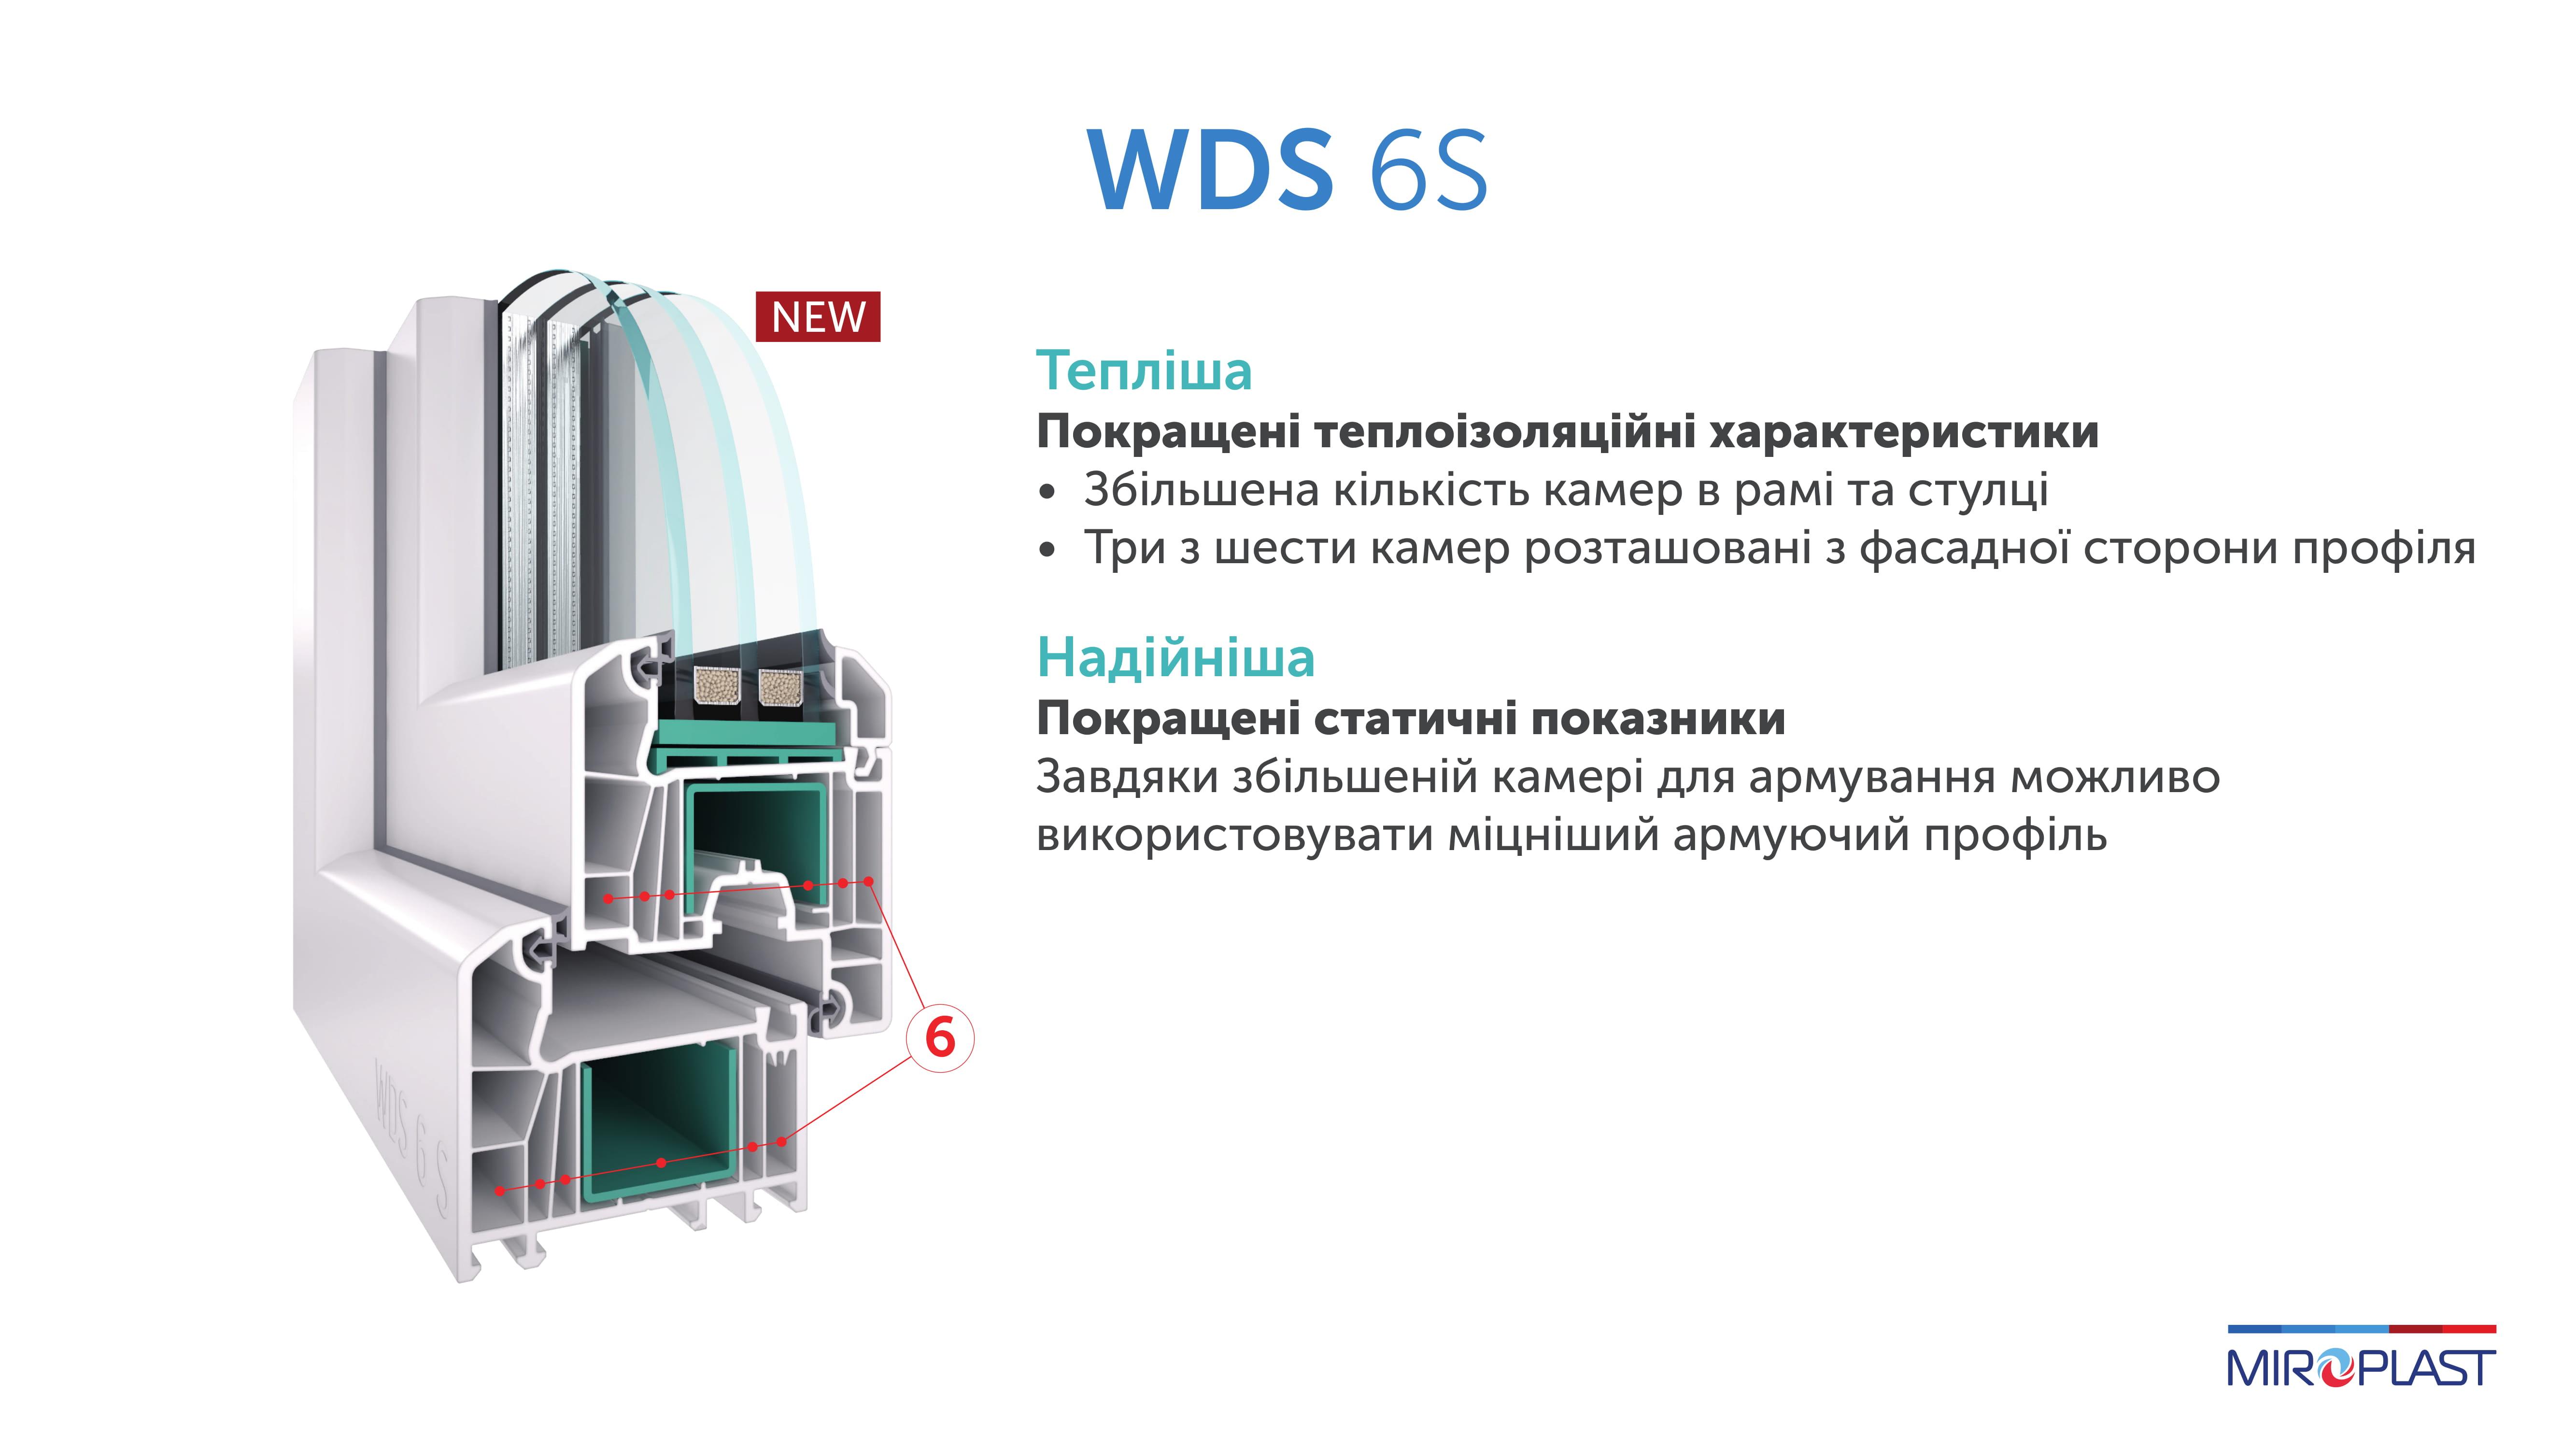 Пластиковые окна WDS 6S Кривой Рог